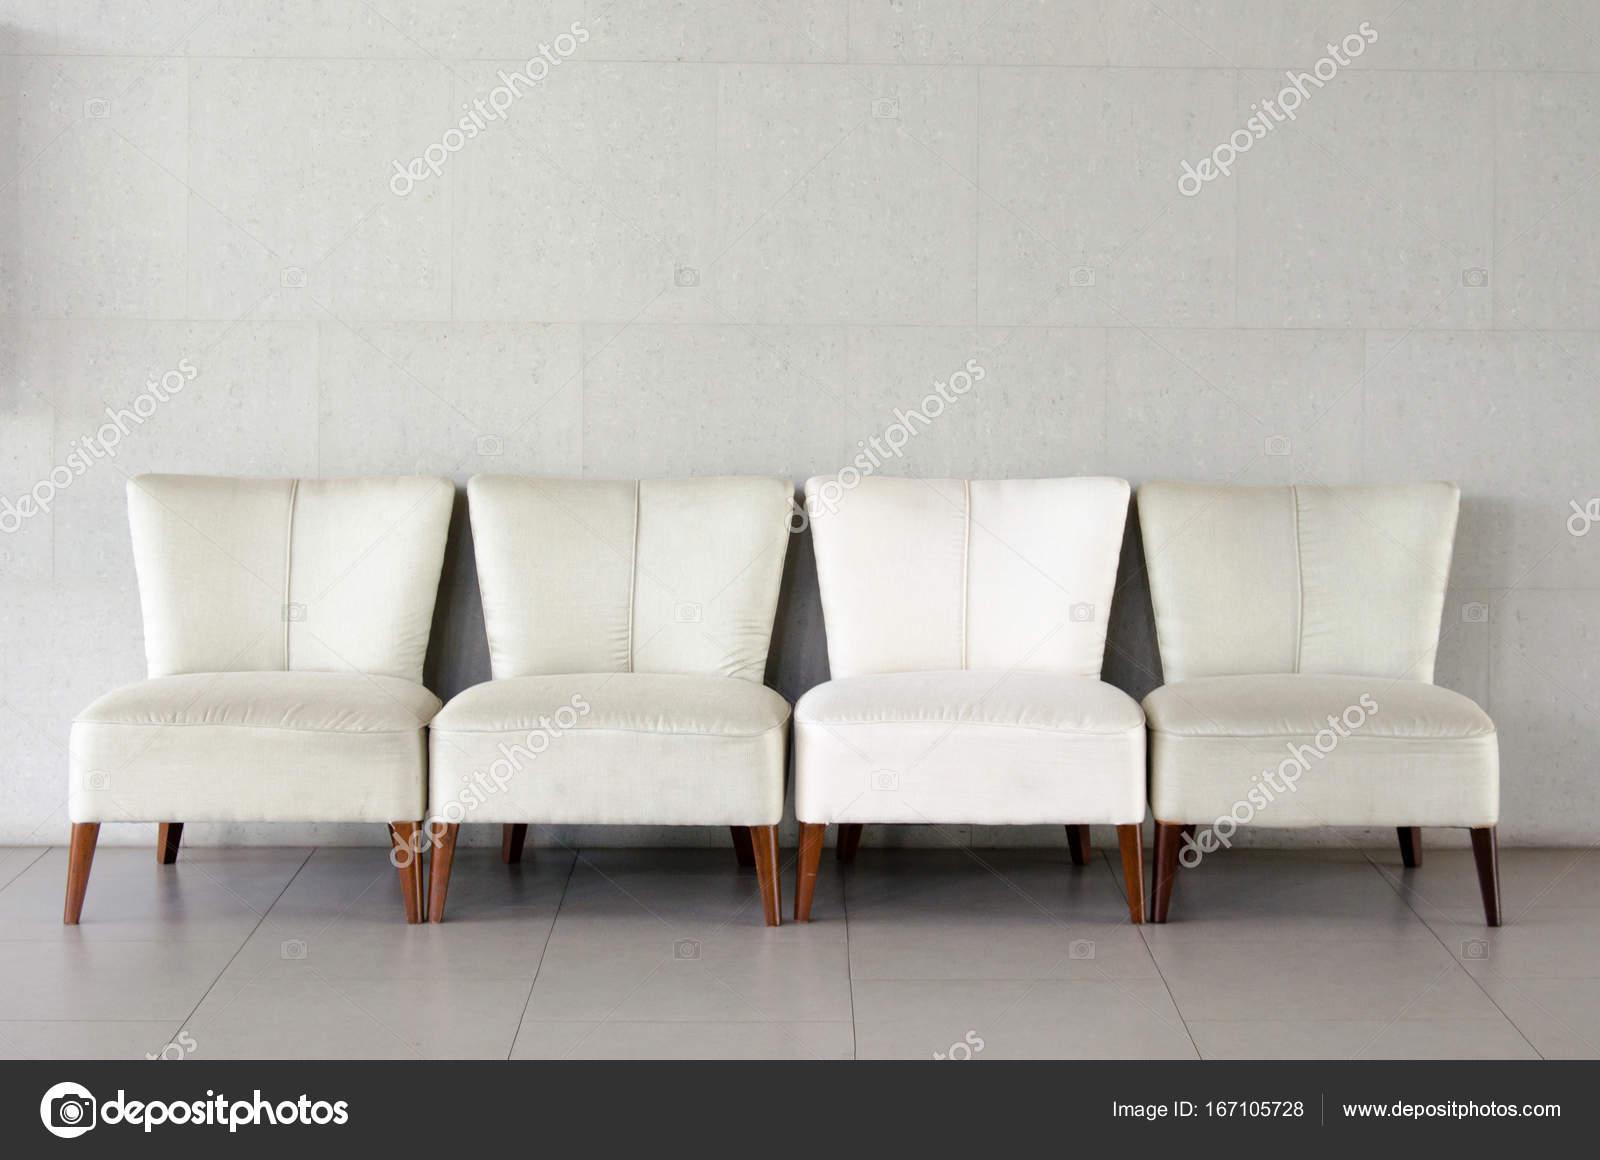 Luxe Witte Stoelen.Witte Stoelen Op De Kamer Stockfoto C Aoo8449 167105728